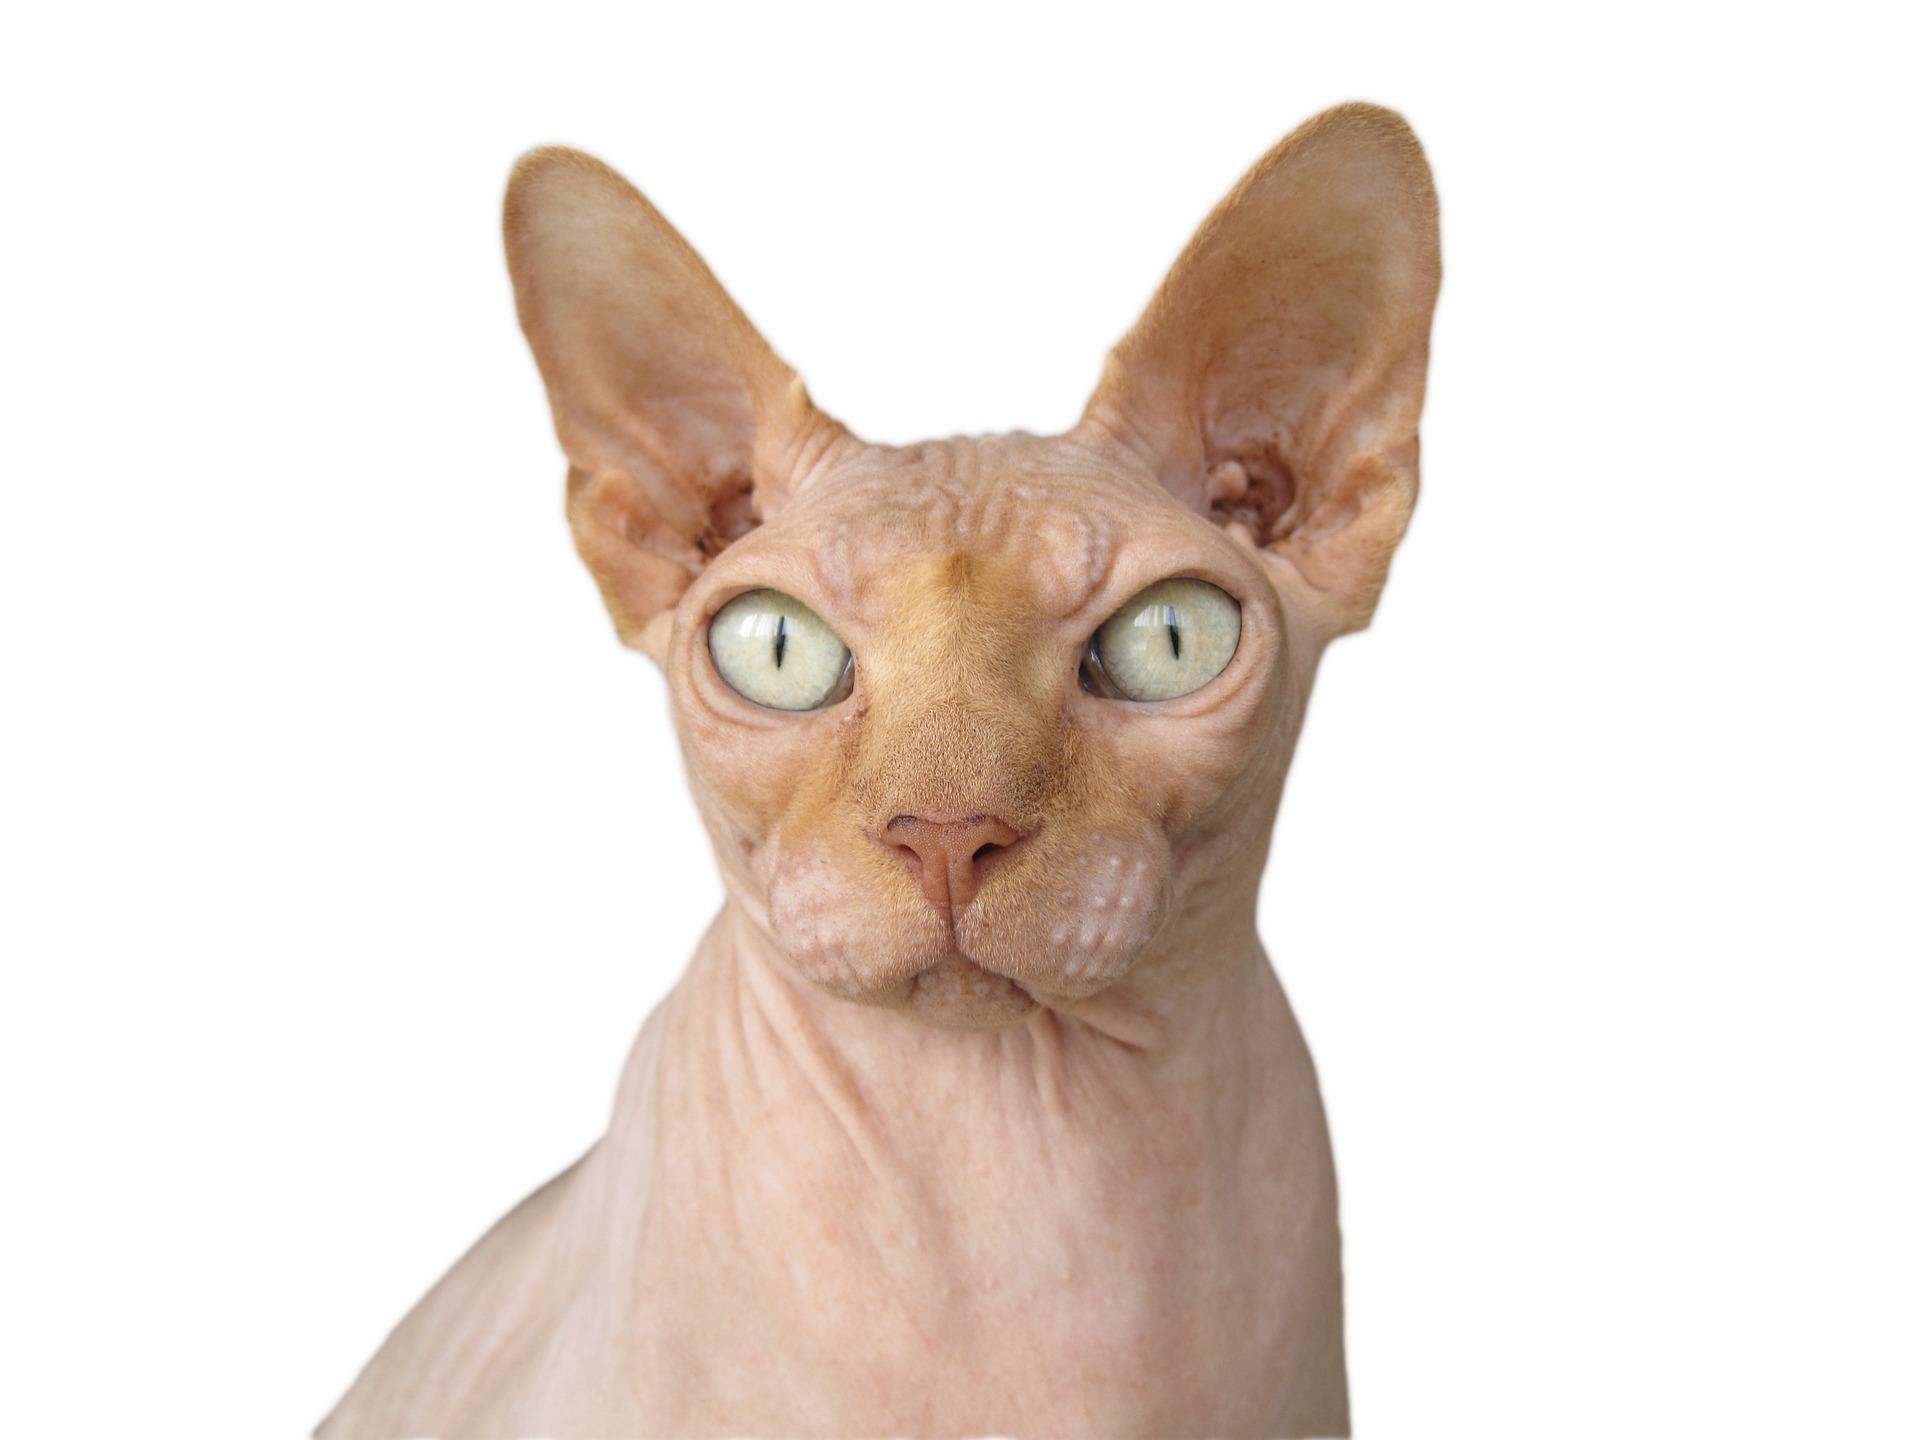 털 없는 고양이 스핑크스 고양이에 대한 모든 것   반려동물   F.E